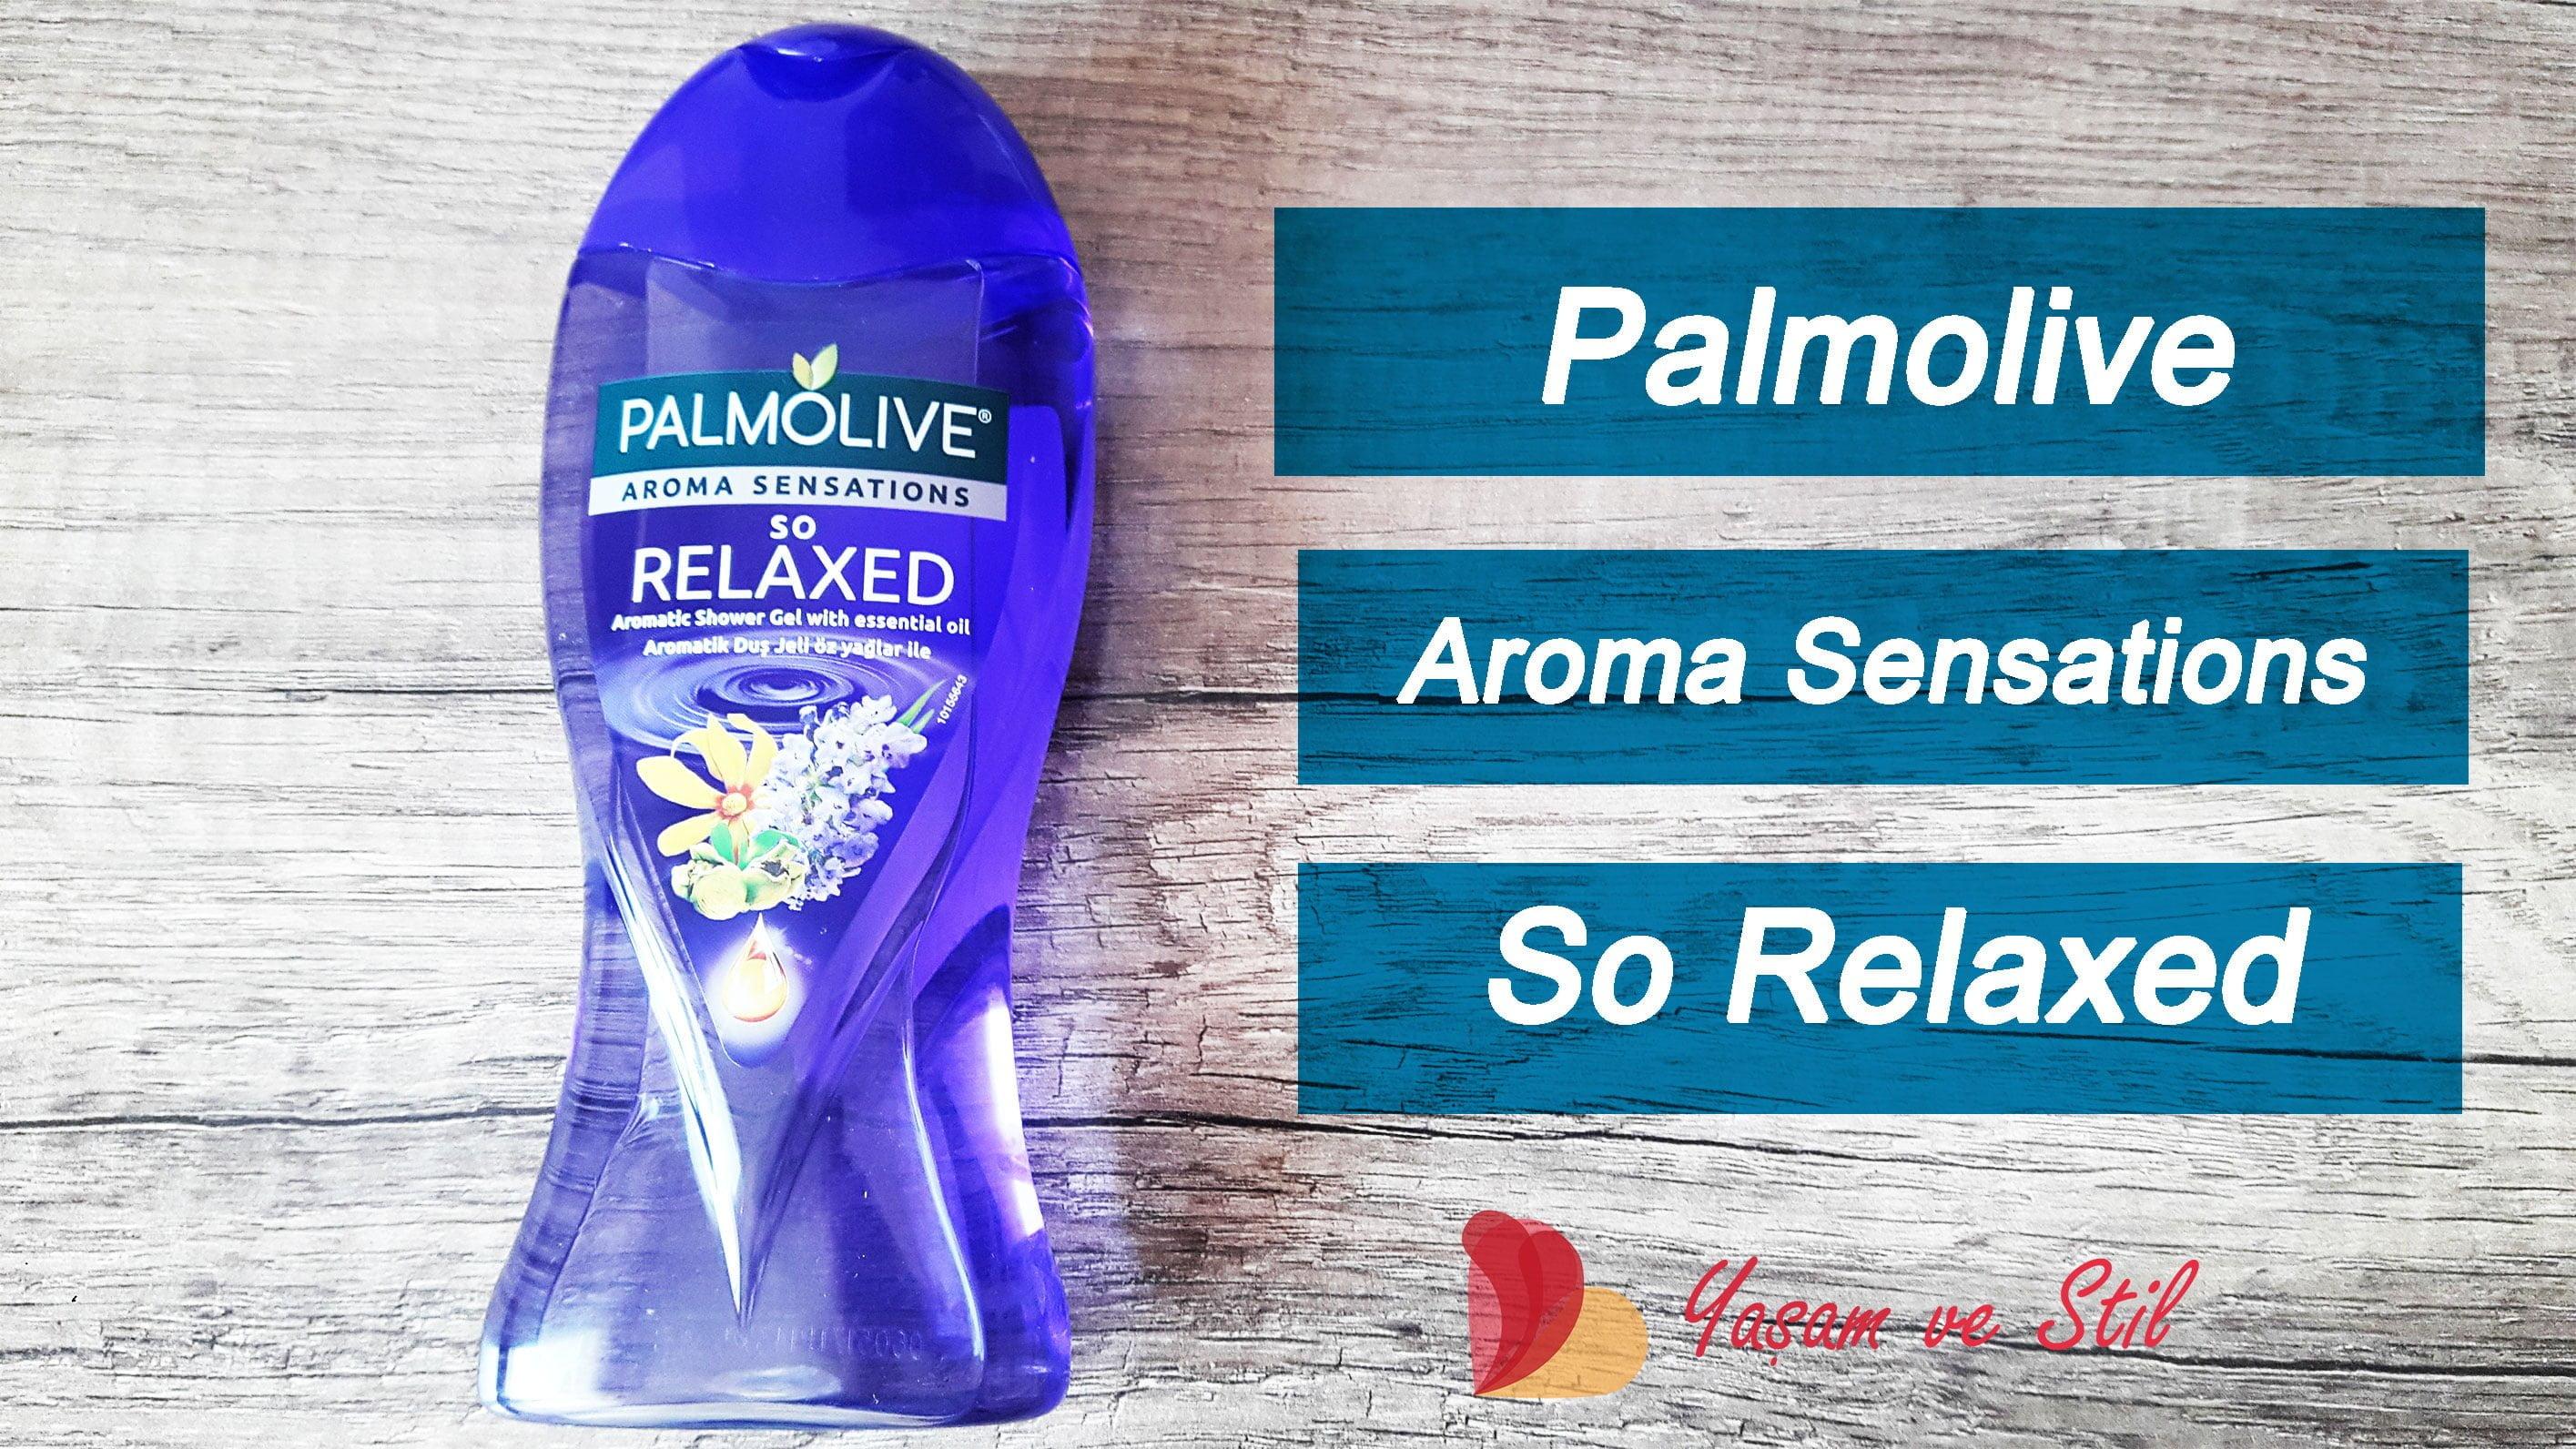 Palmolive Aroma Sensations So Relaxed Duj Jeli Kullanıcı Yorumları